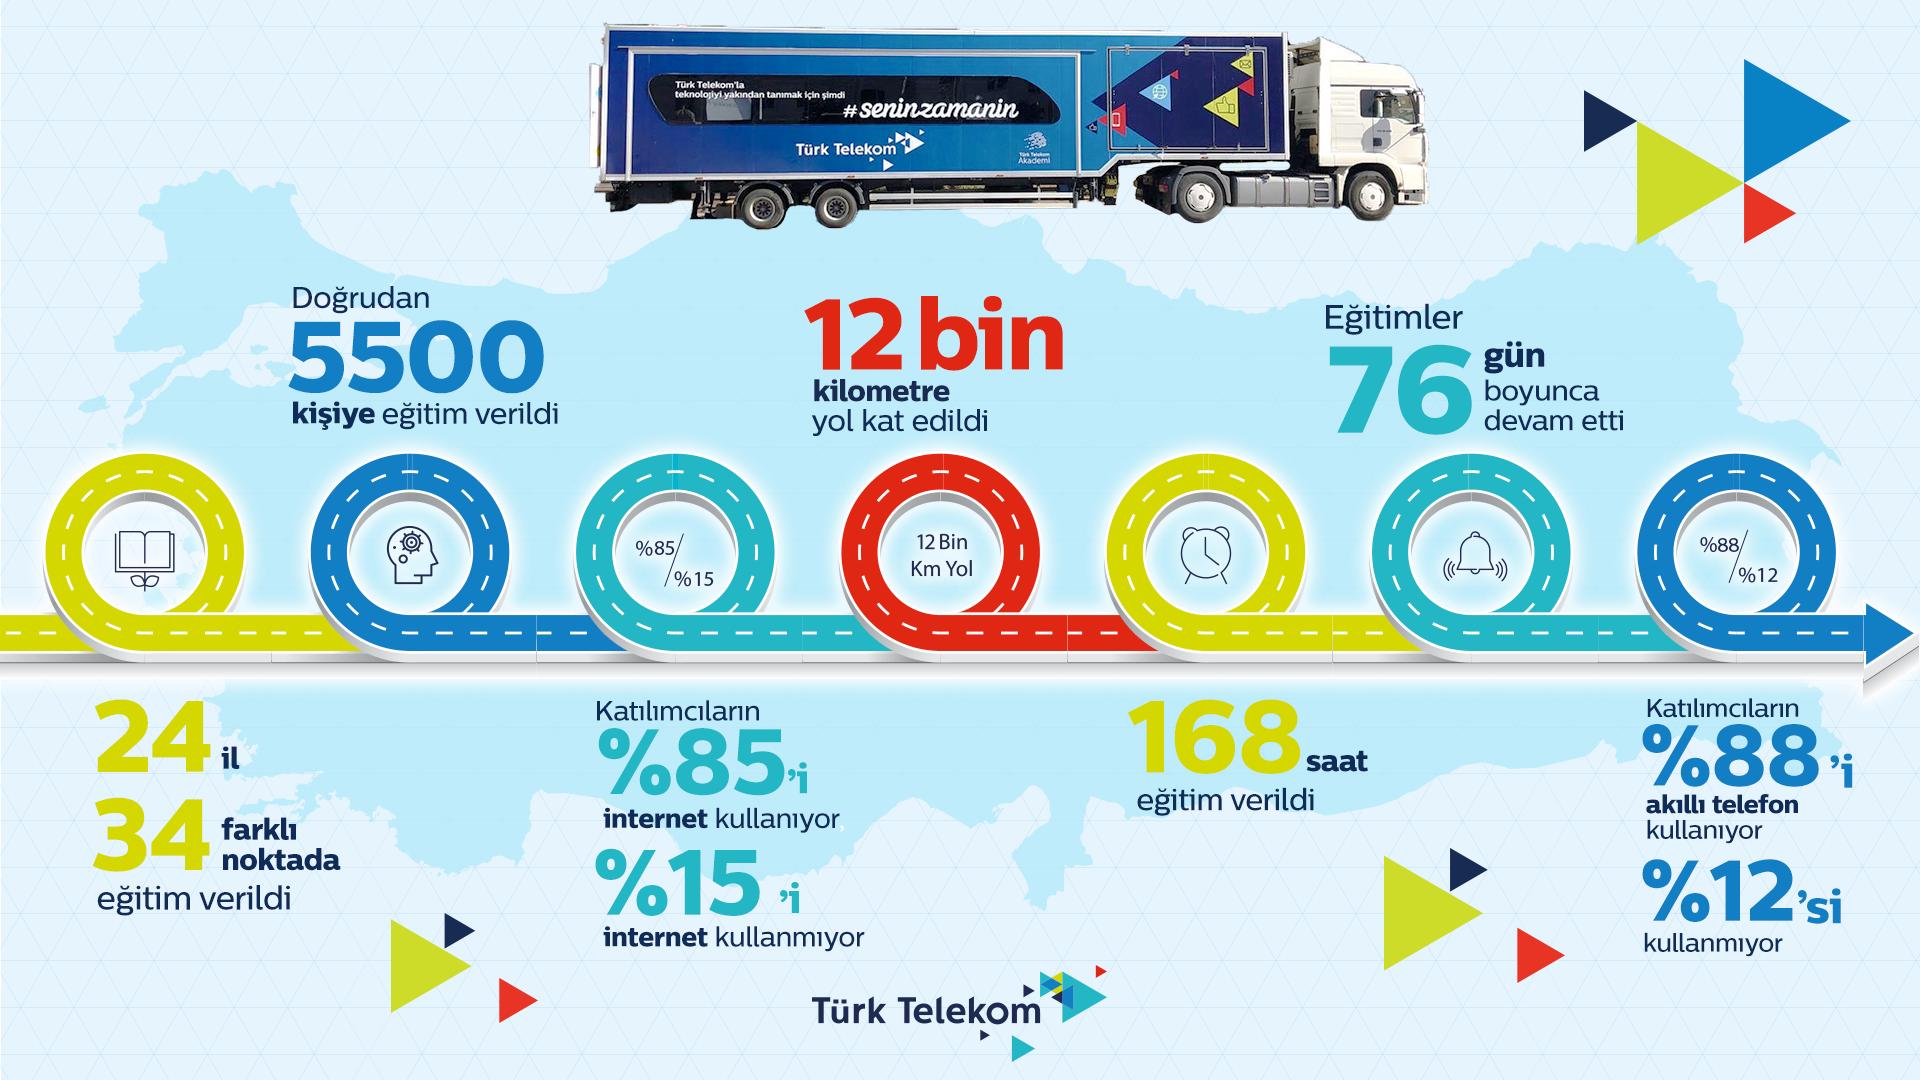 Türk Telekom Eğitim Tırı İnografik